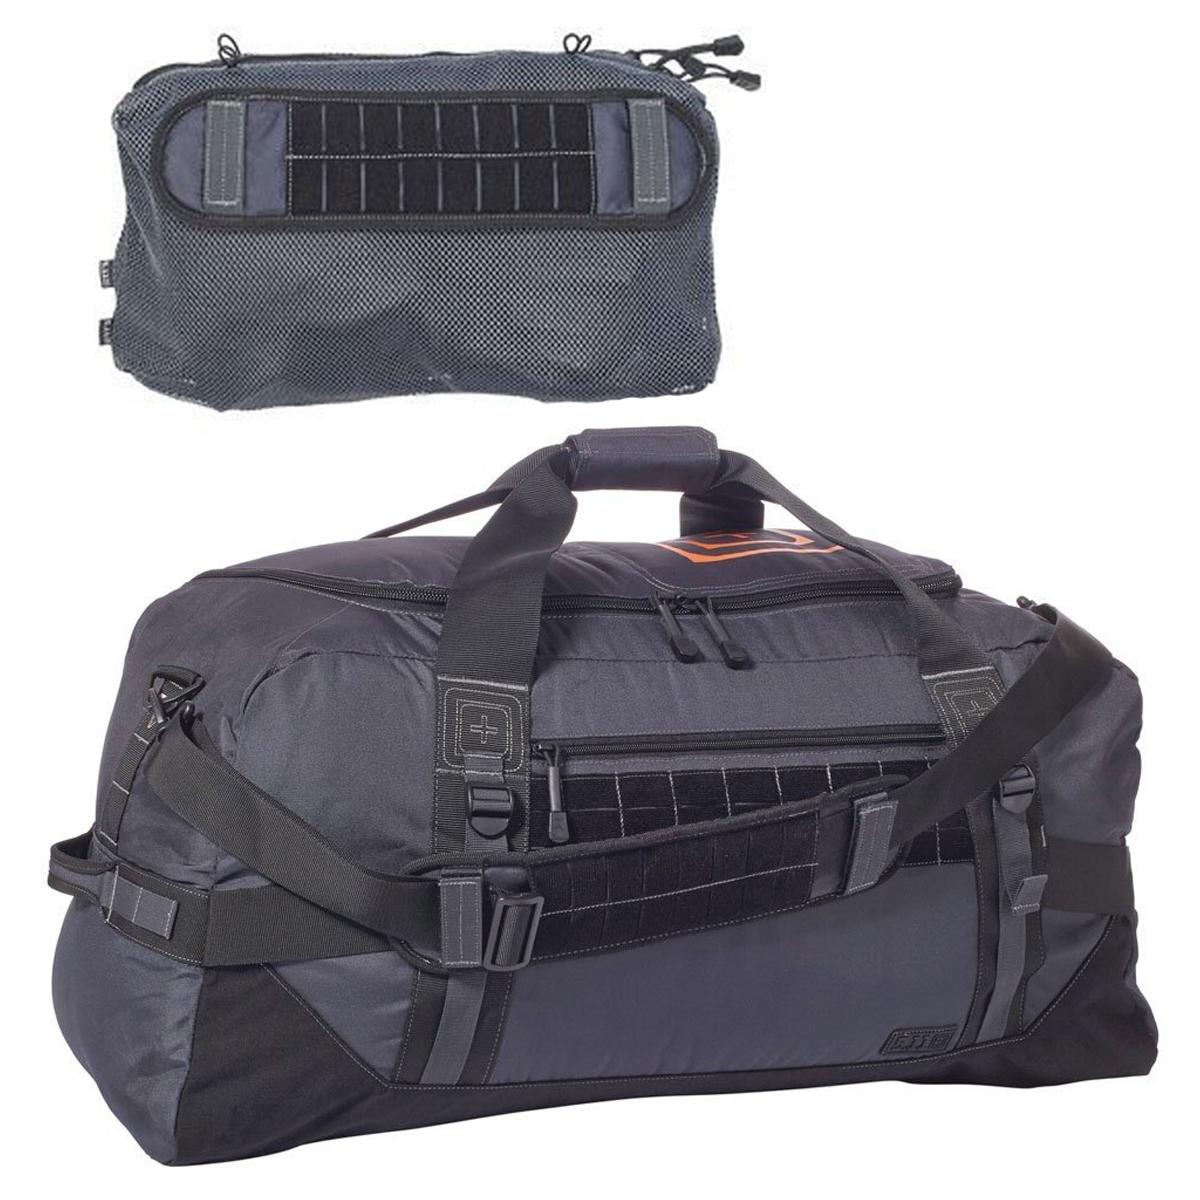 50782cf85d Sac de transport NBT Duffle Xray 5.11 Tactical - Feyno